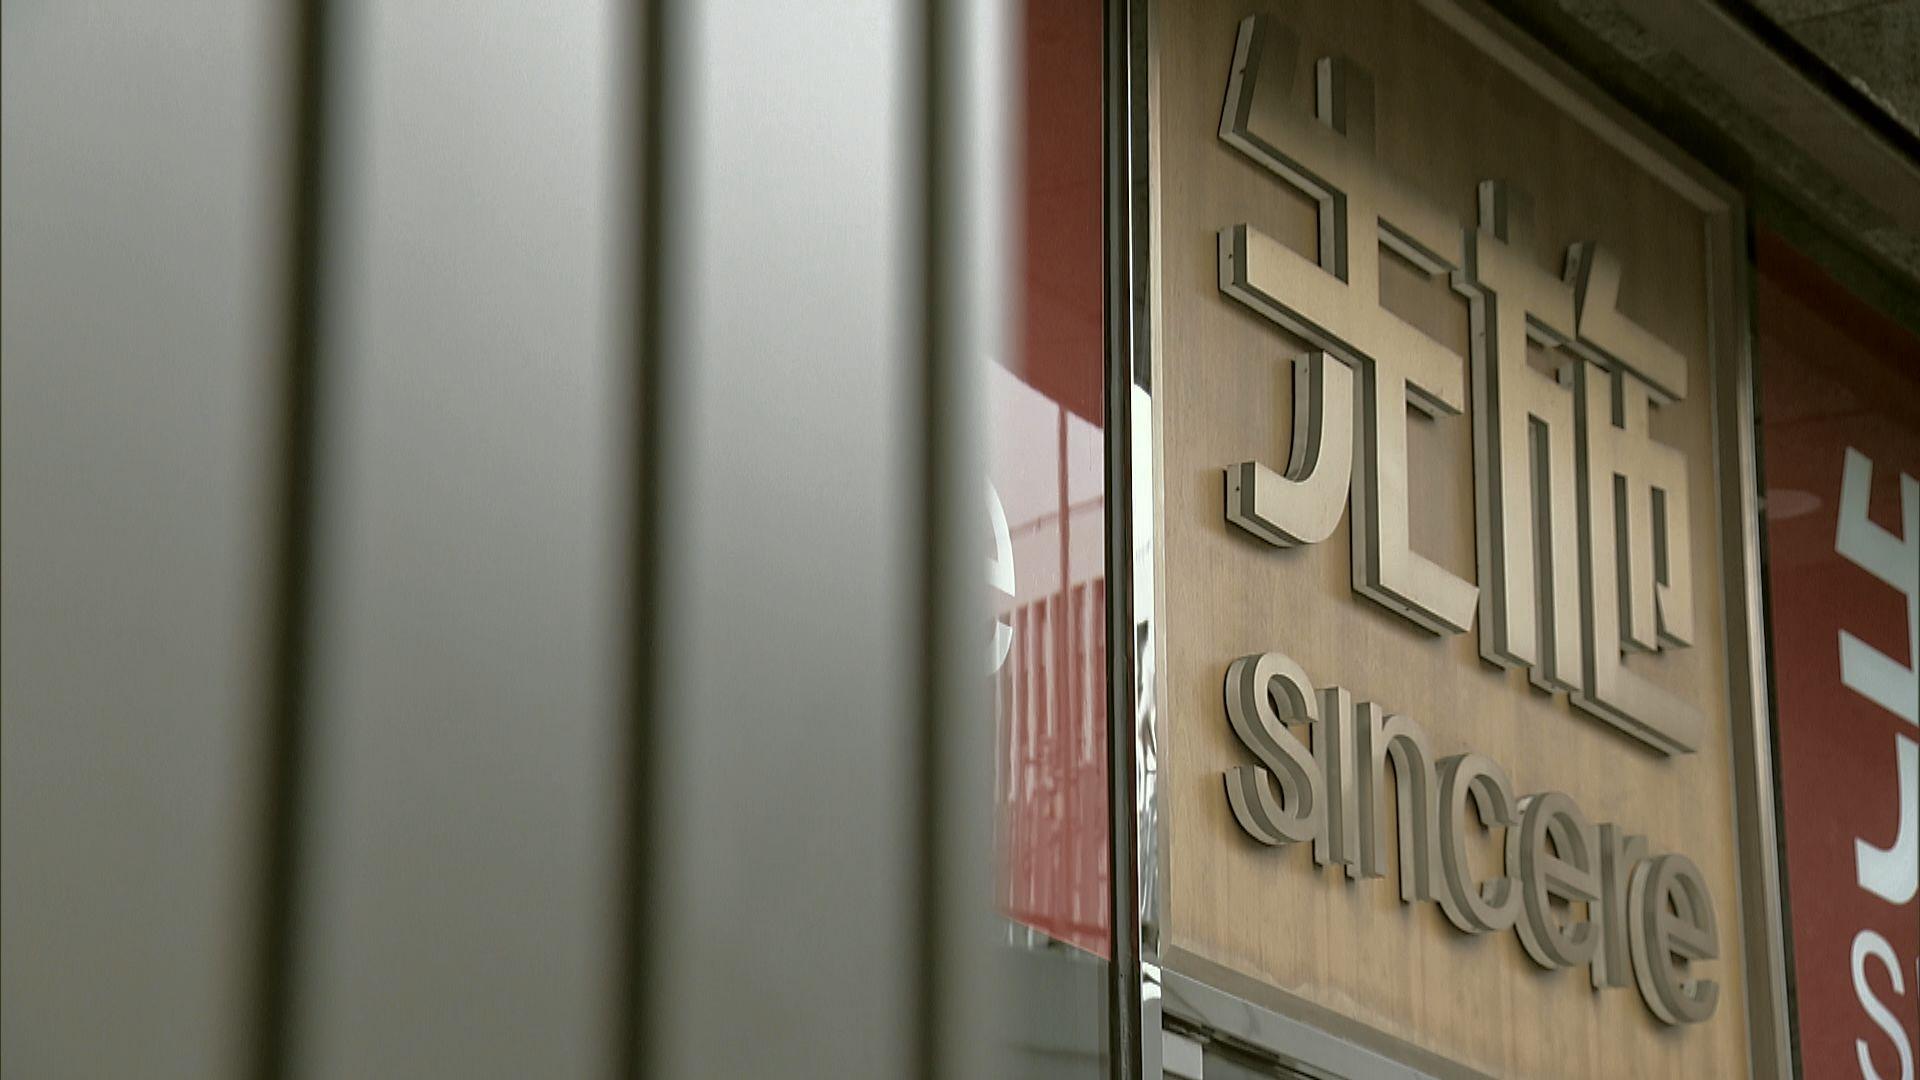 【即日焦點】邱騰華:港台就《頭條新聞》裁決道歉是必須 節目製作須遵約章;易手、賣盤、私有化 港資老牌零售商步入末路?